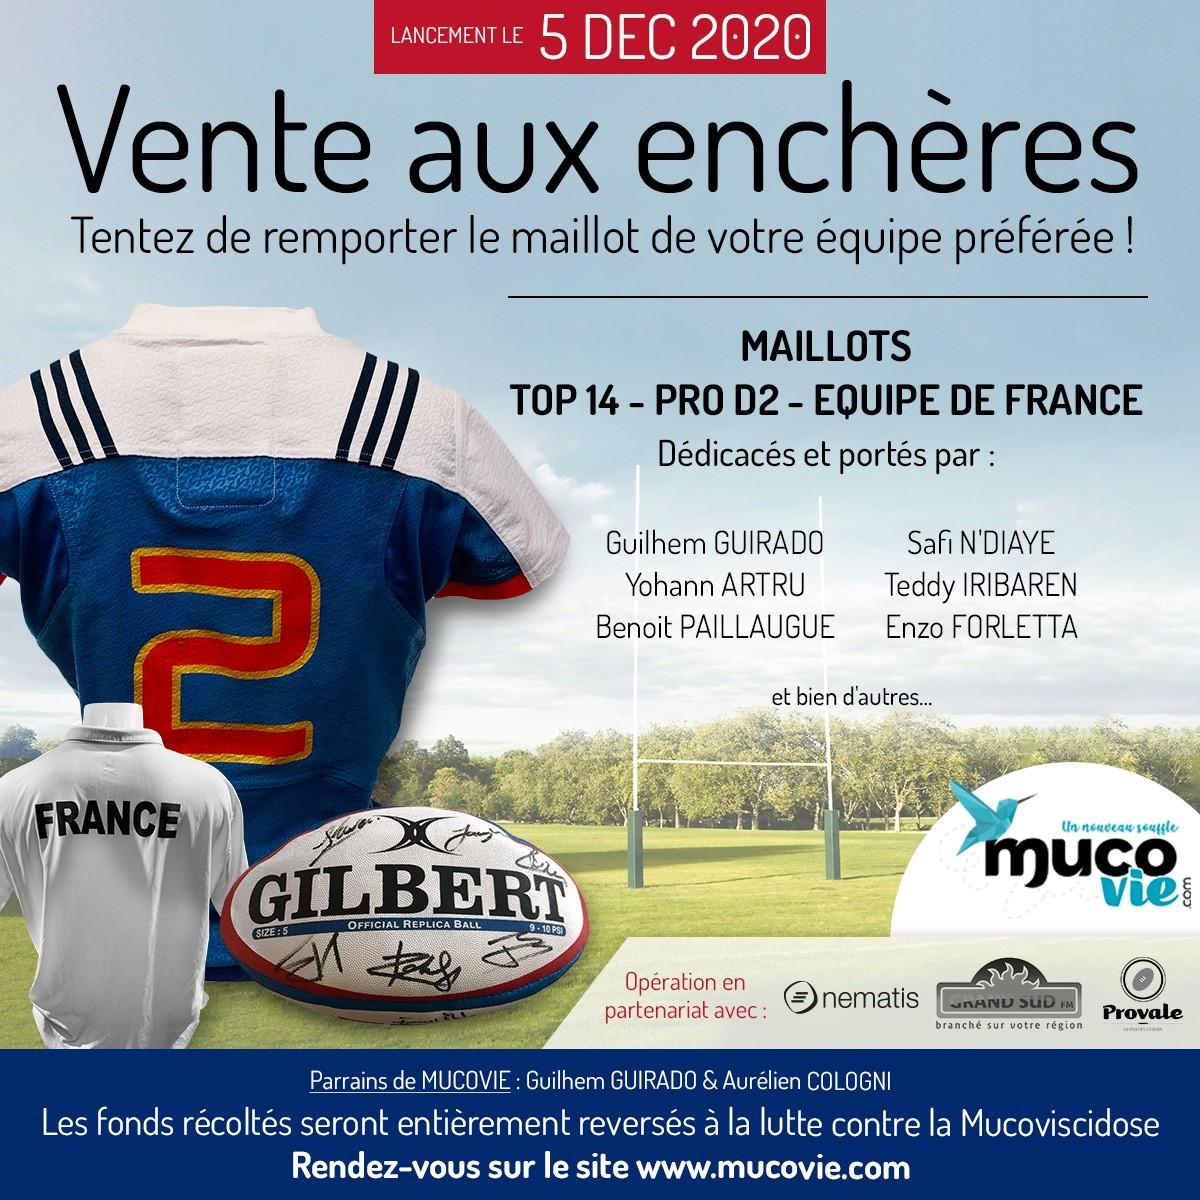 09-12-20 Stéphane MATHIEU, président de l'association Mucovie 66